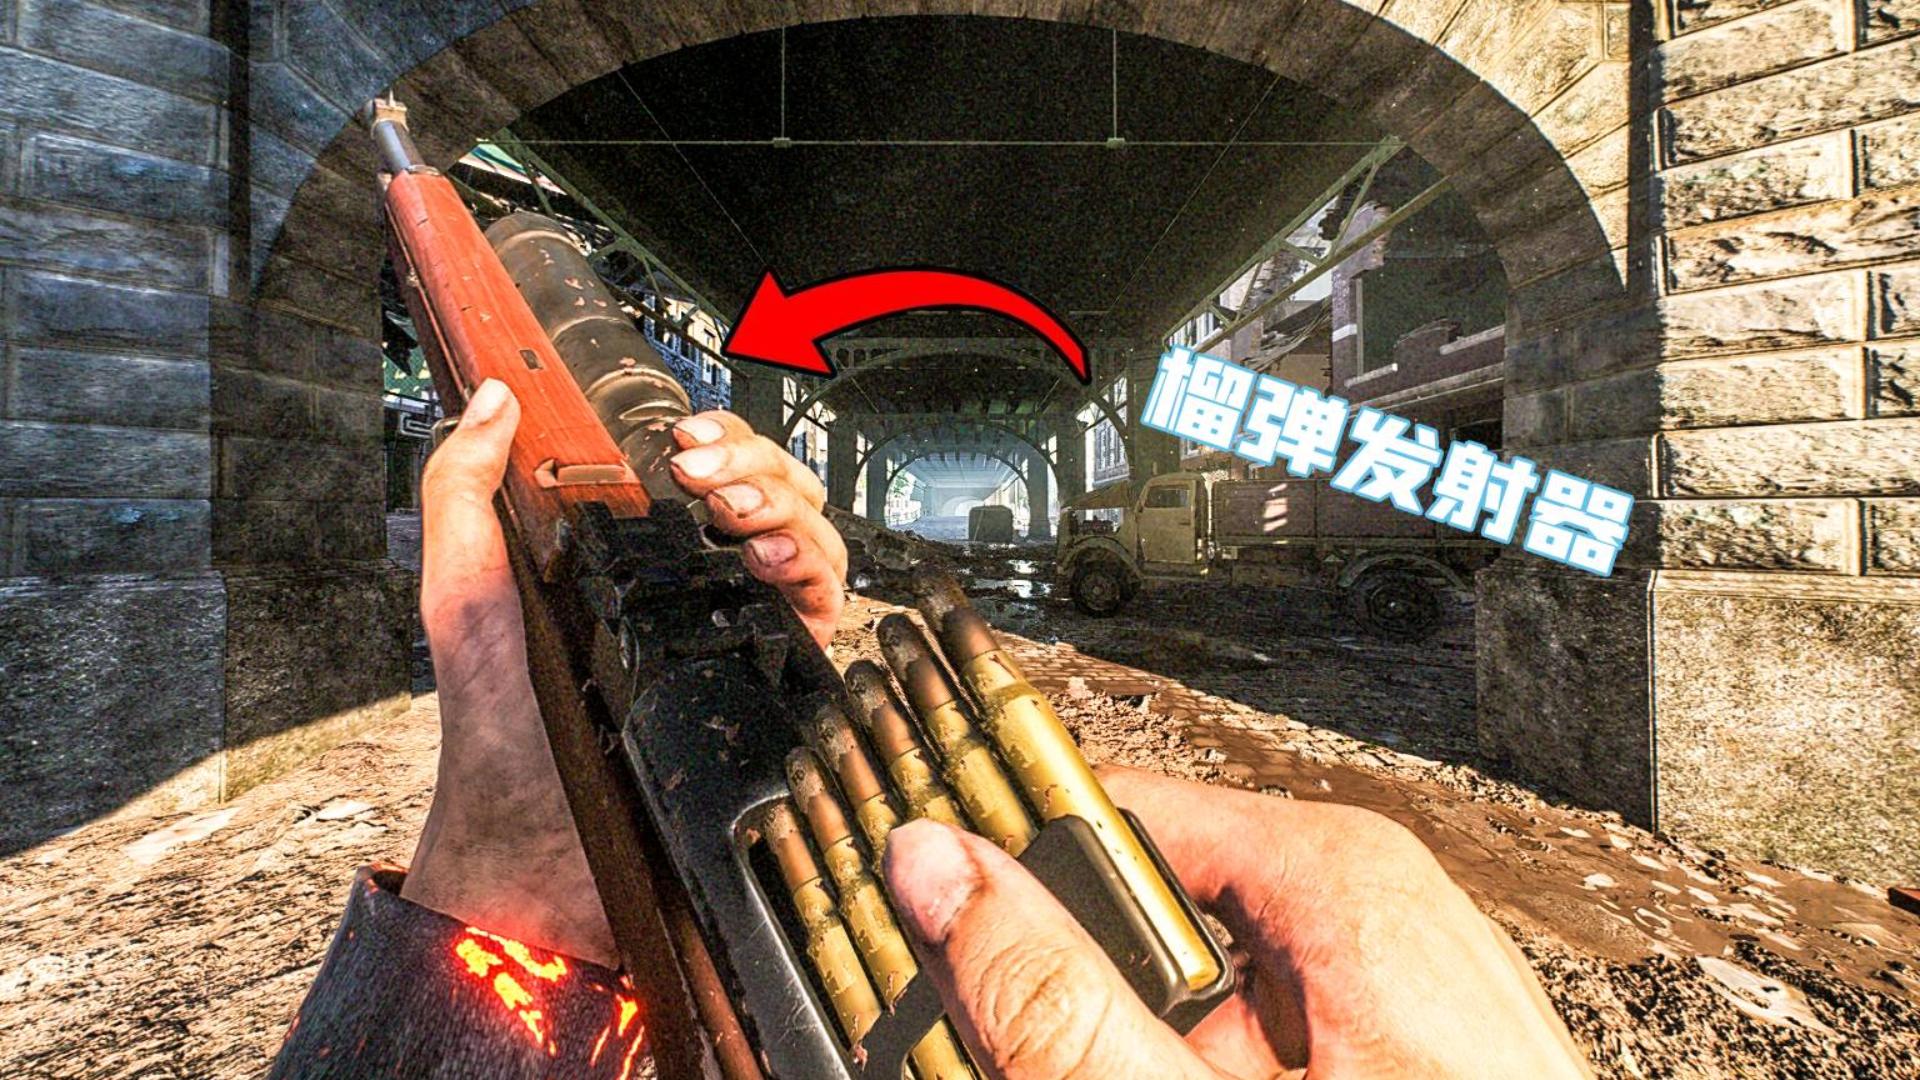 战地5 看似是一把狙击枪,当敌人走过来才发现已被炸糊